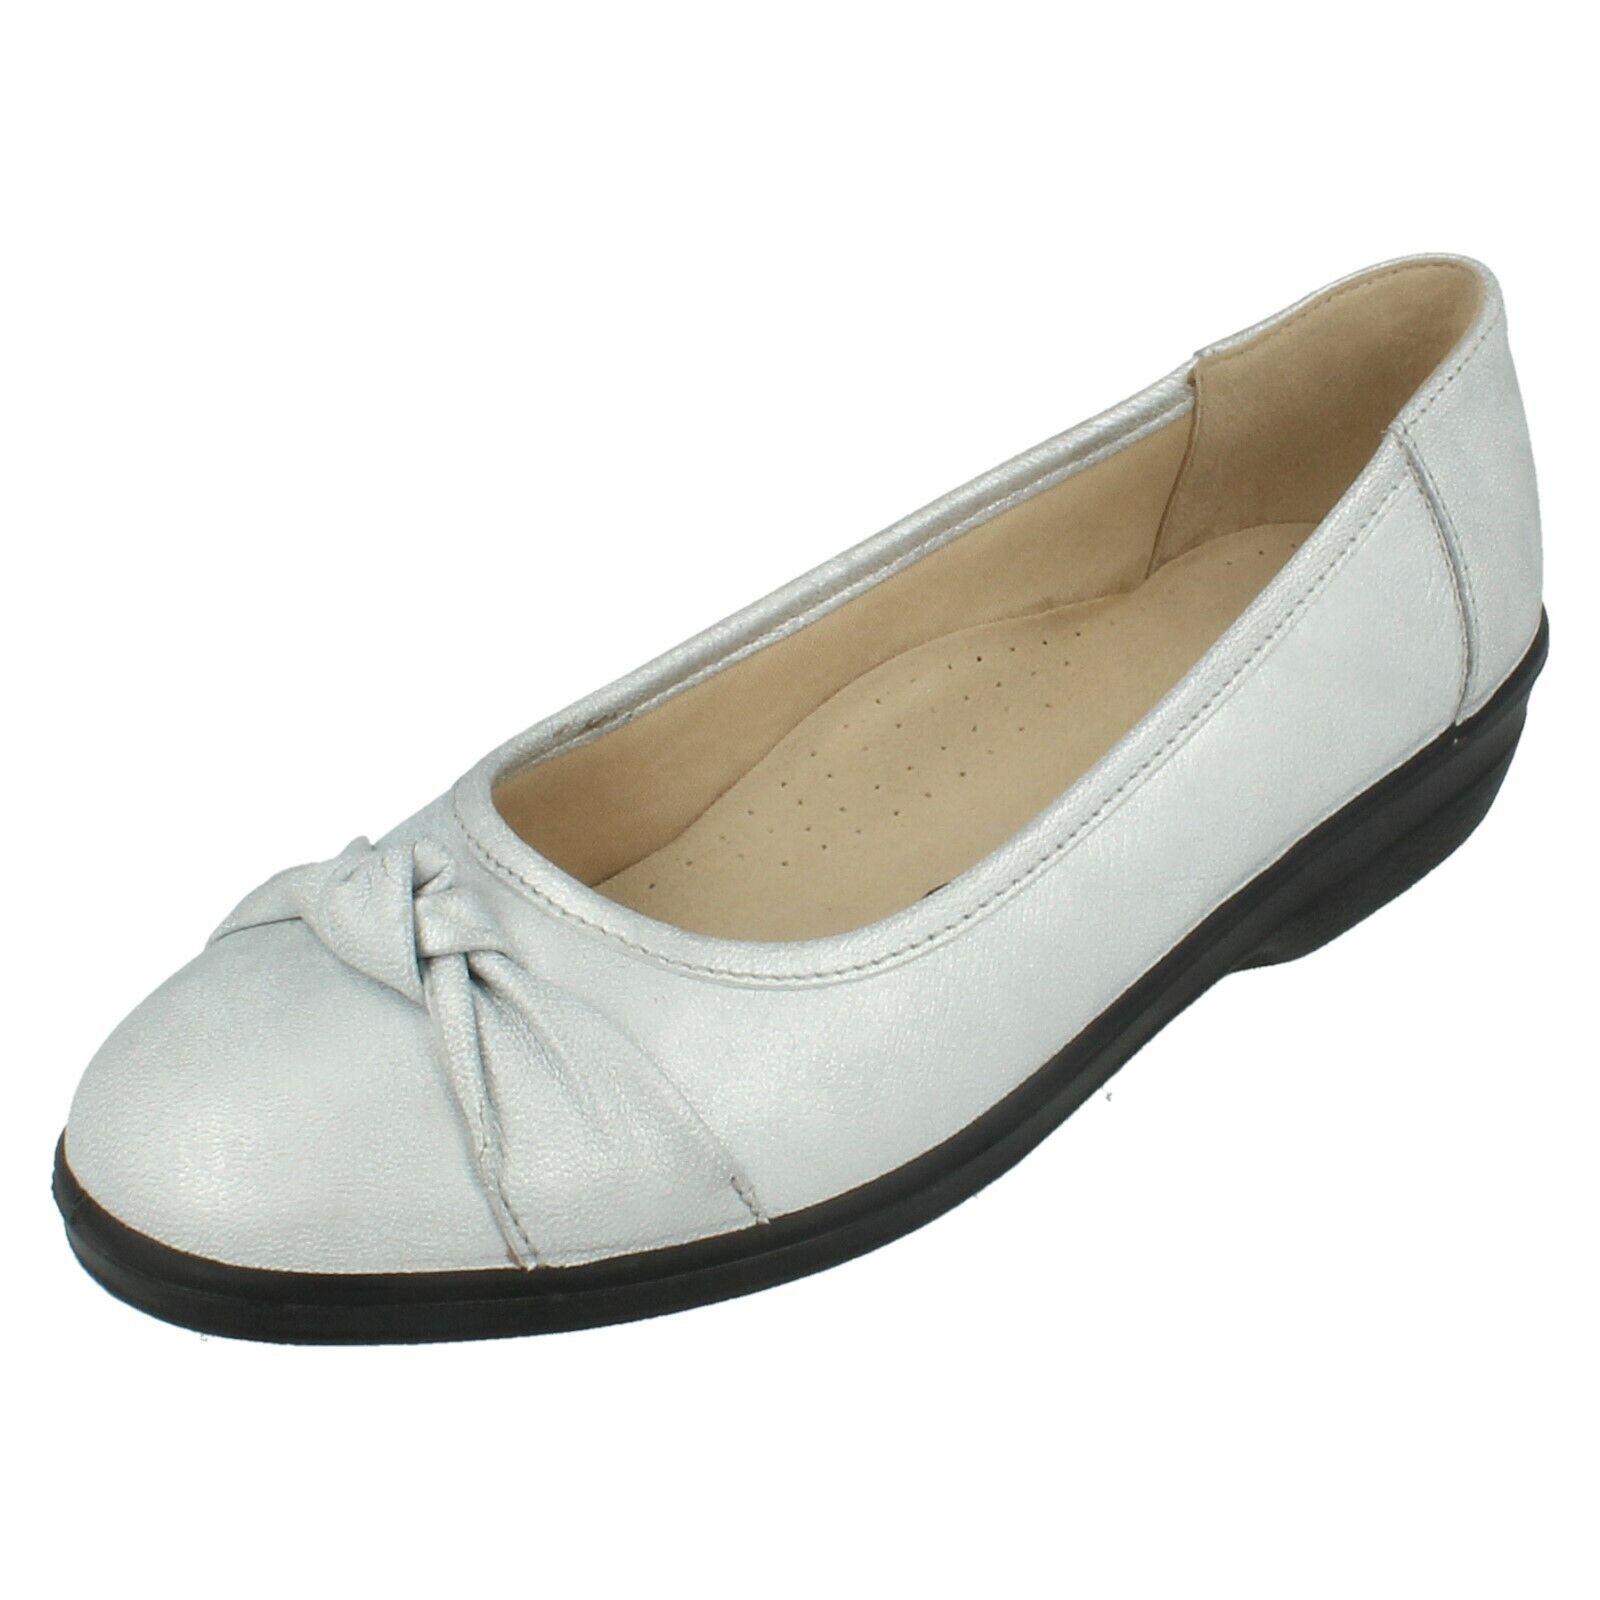 Damen Fiona ohne Bügel Schuh von Padders Wohlfühl Fuß